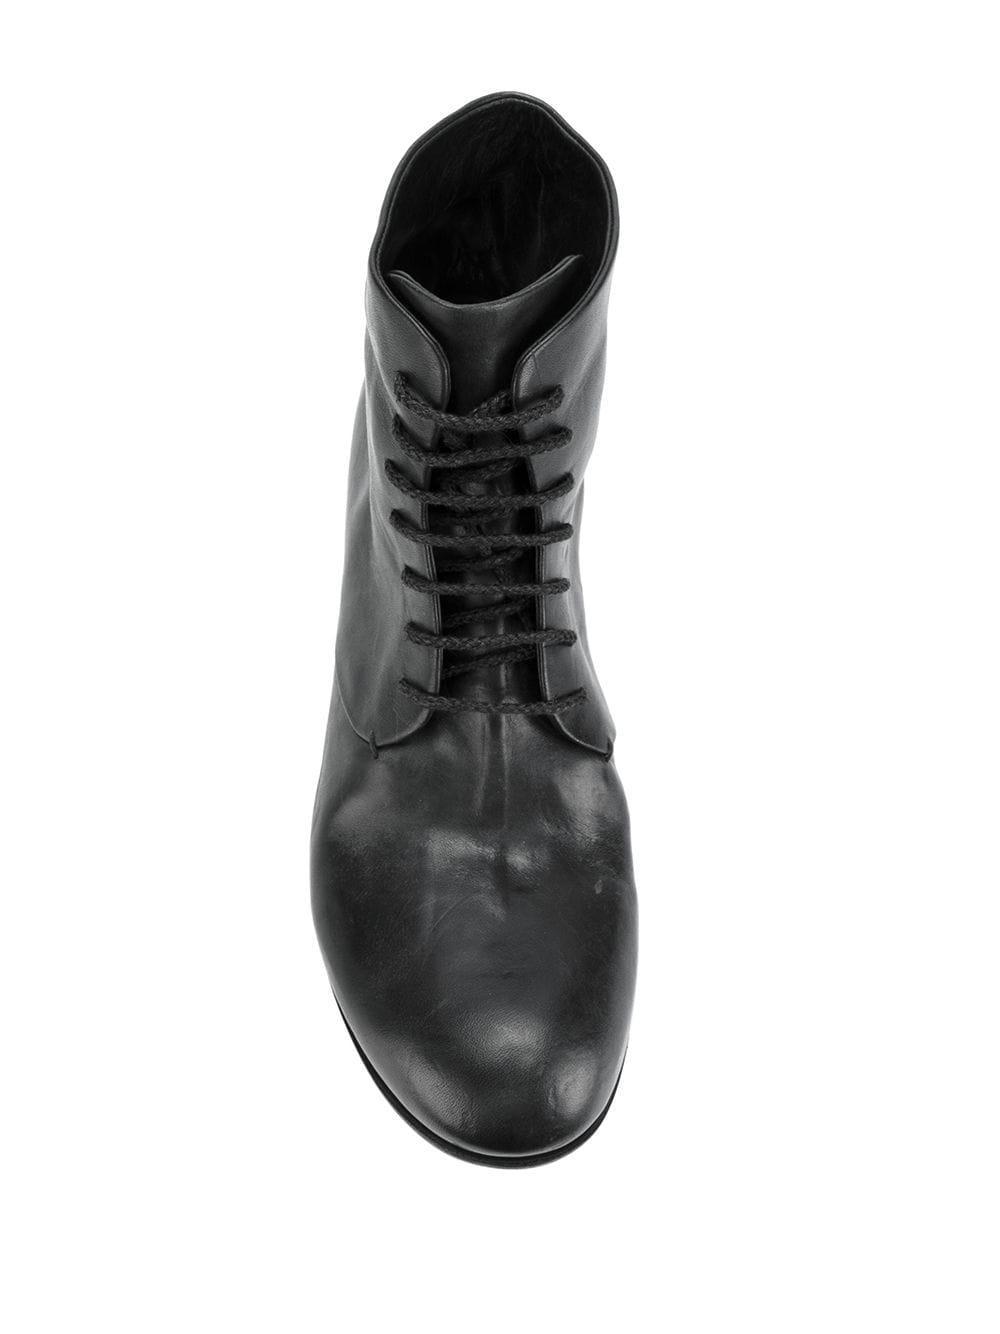 Botines en piel de caballo A Diciannoveventitre de Cuero de color Negro para hombre